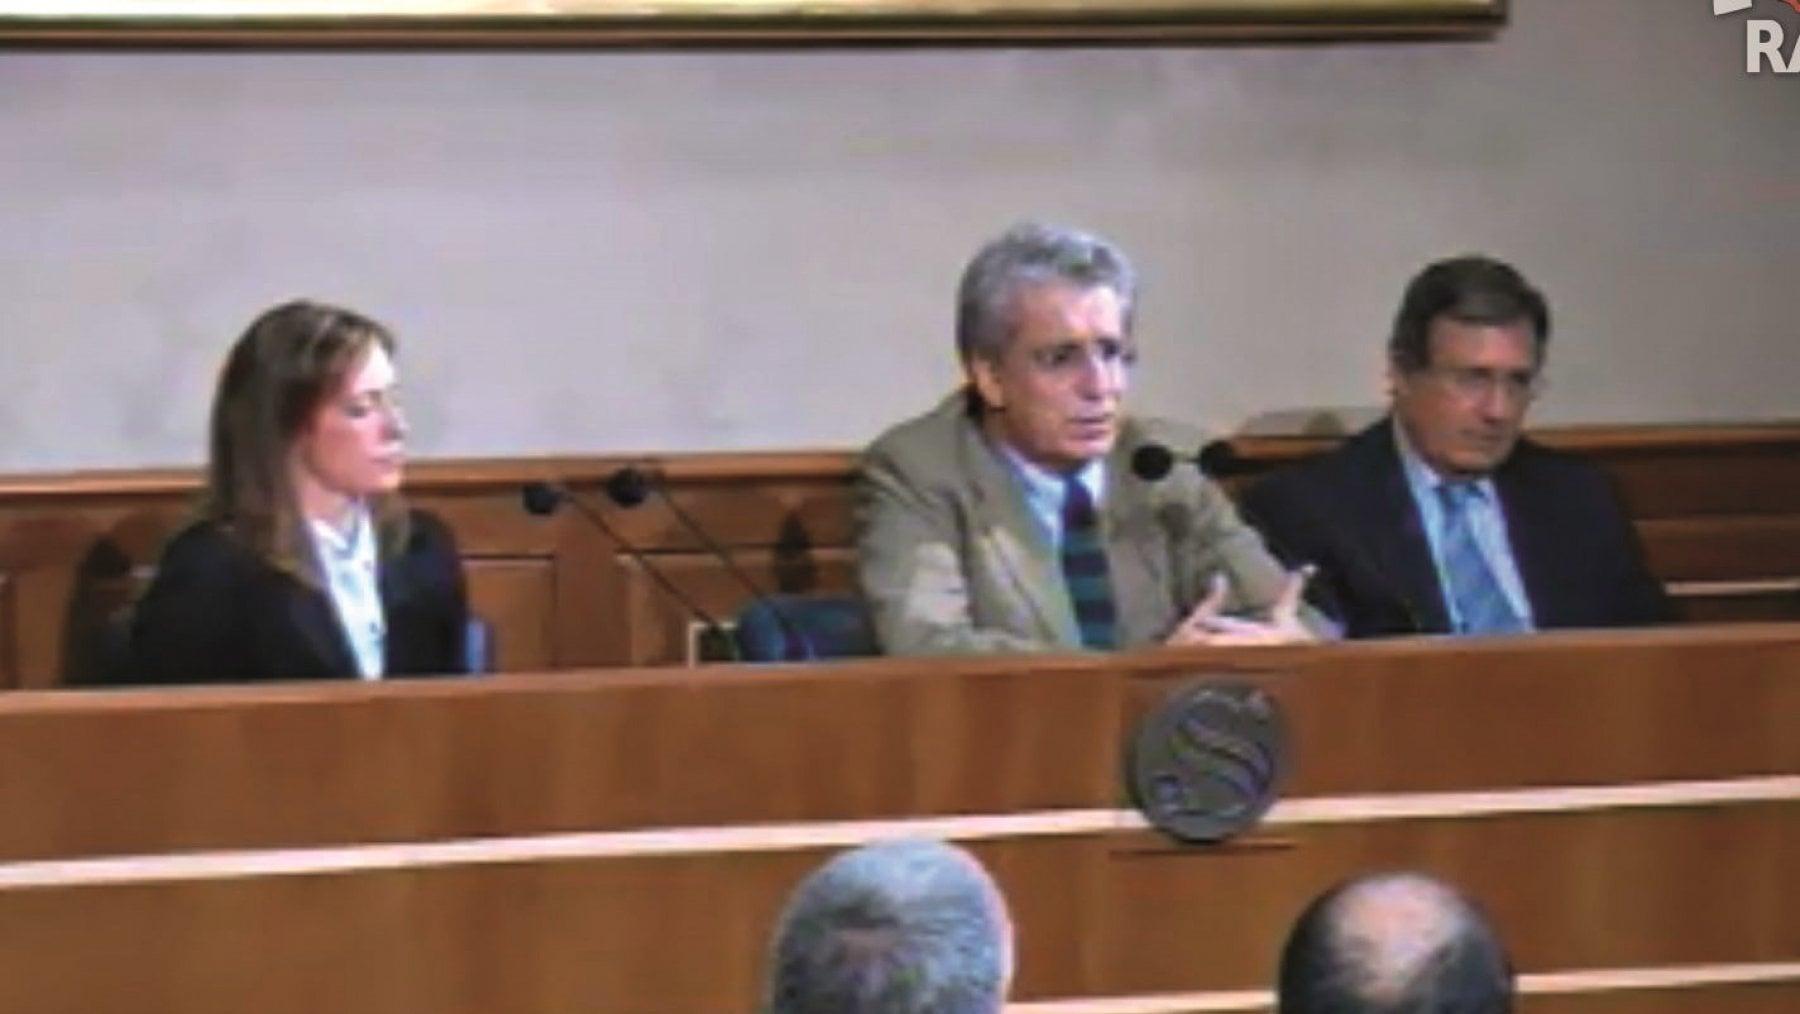 Stefano Cucchi, la sorella Ilaria pronta a querelare Matteo Salvini: